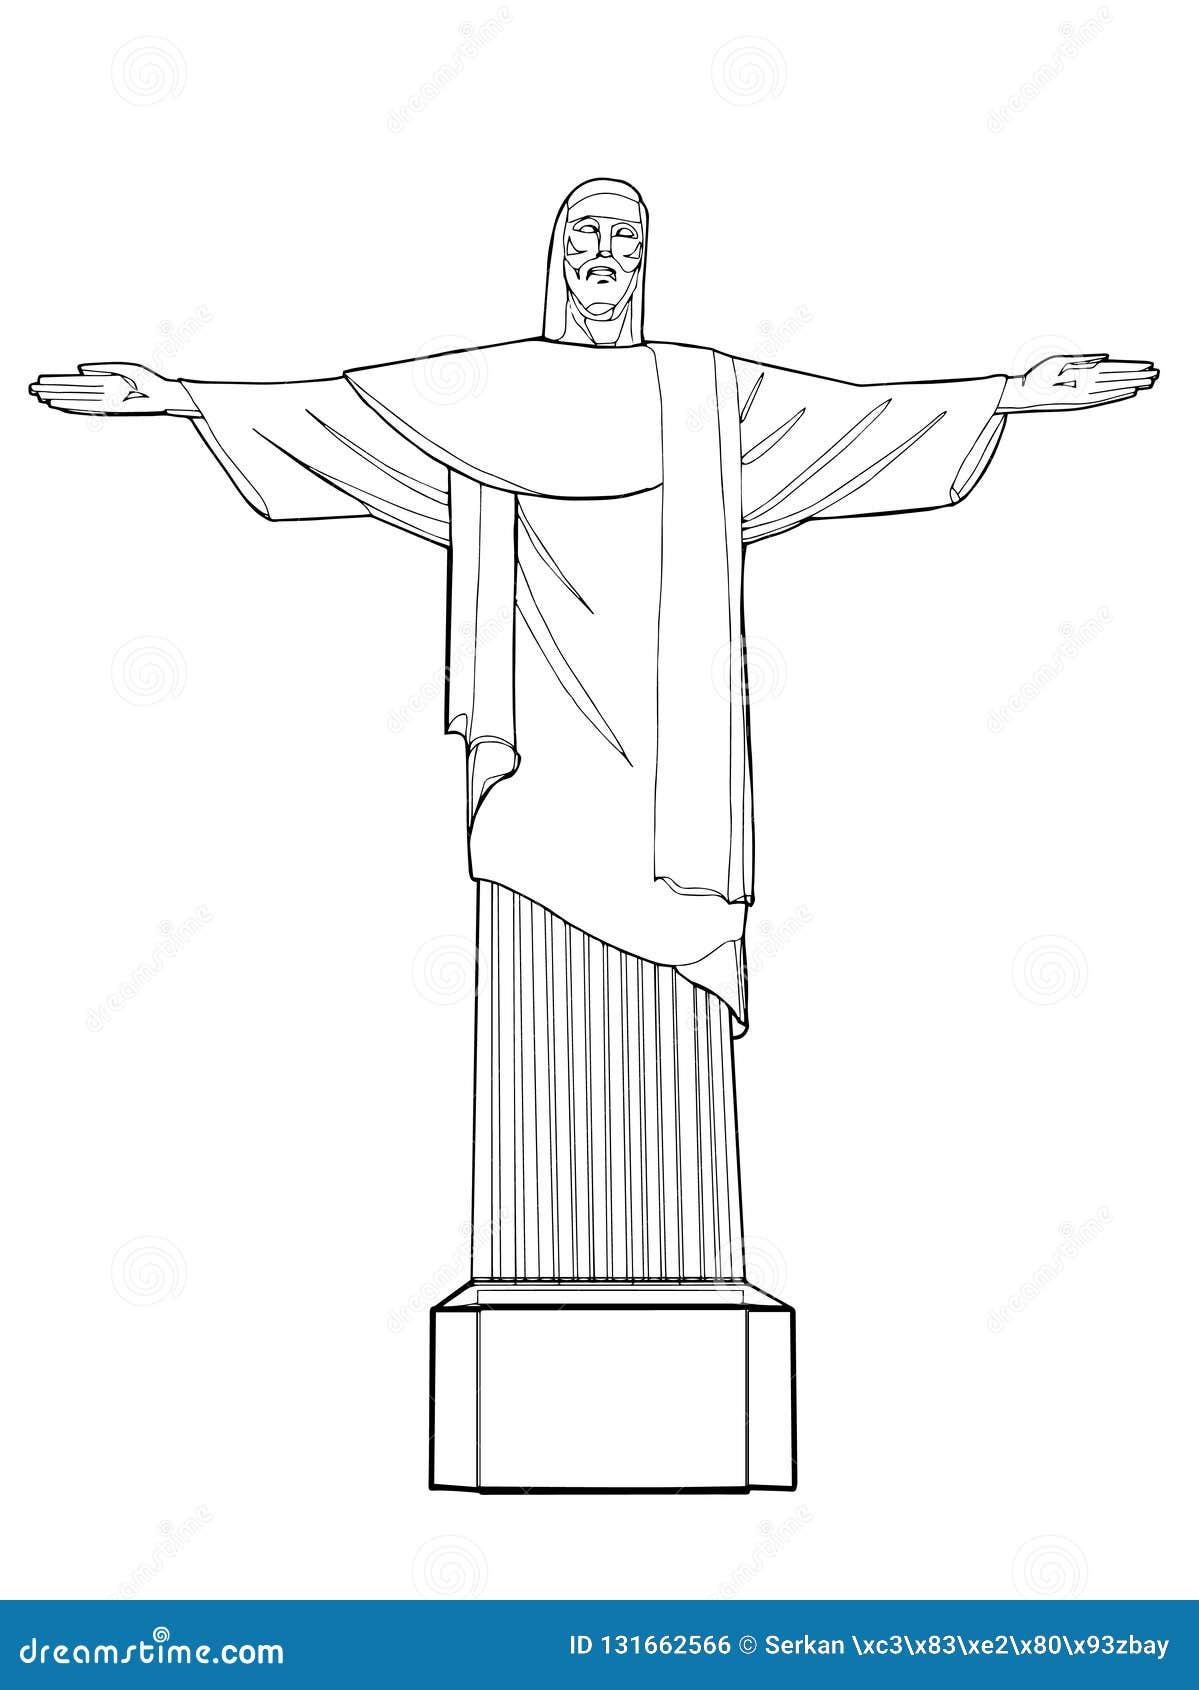 Línea Del Dibujo Del Icono De Río De Janeiro Cristo Y Fondo